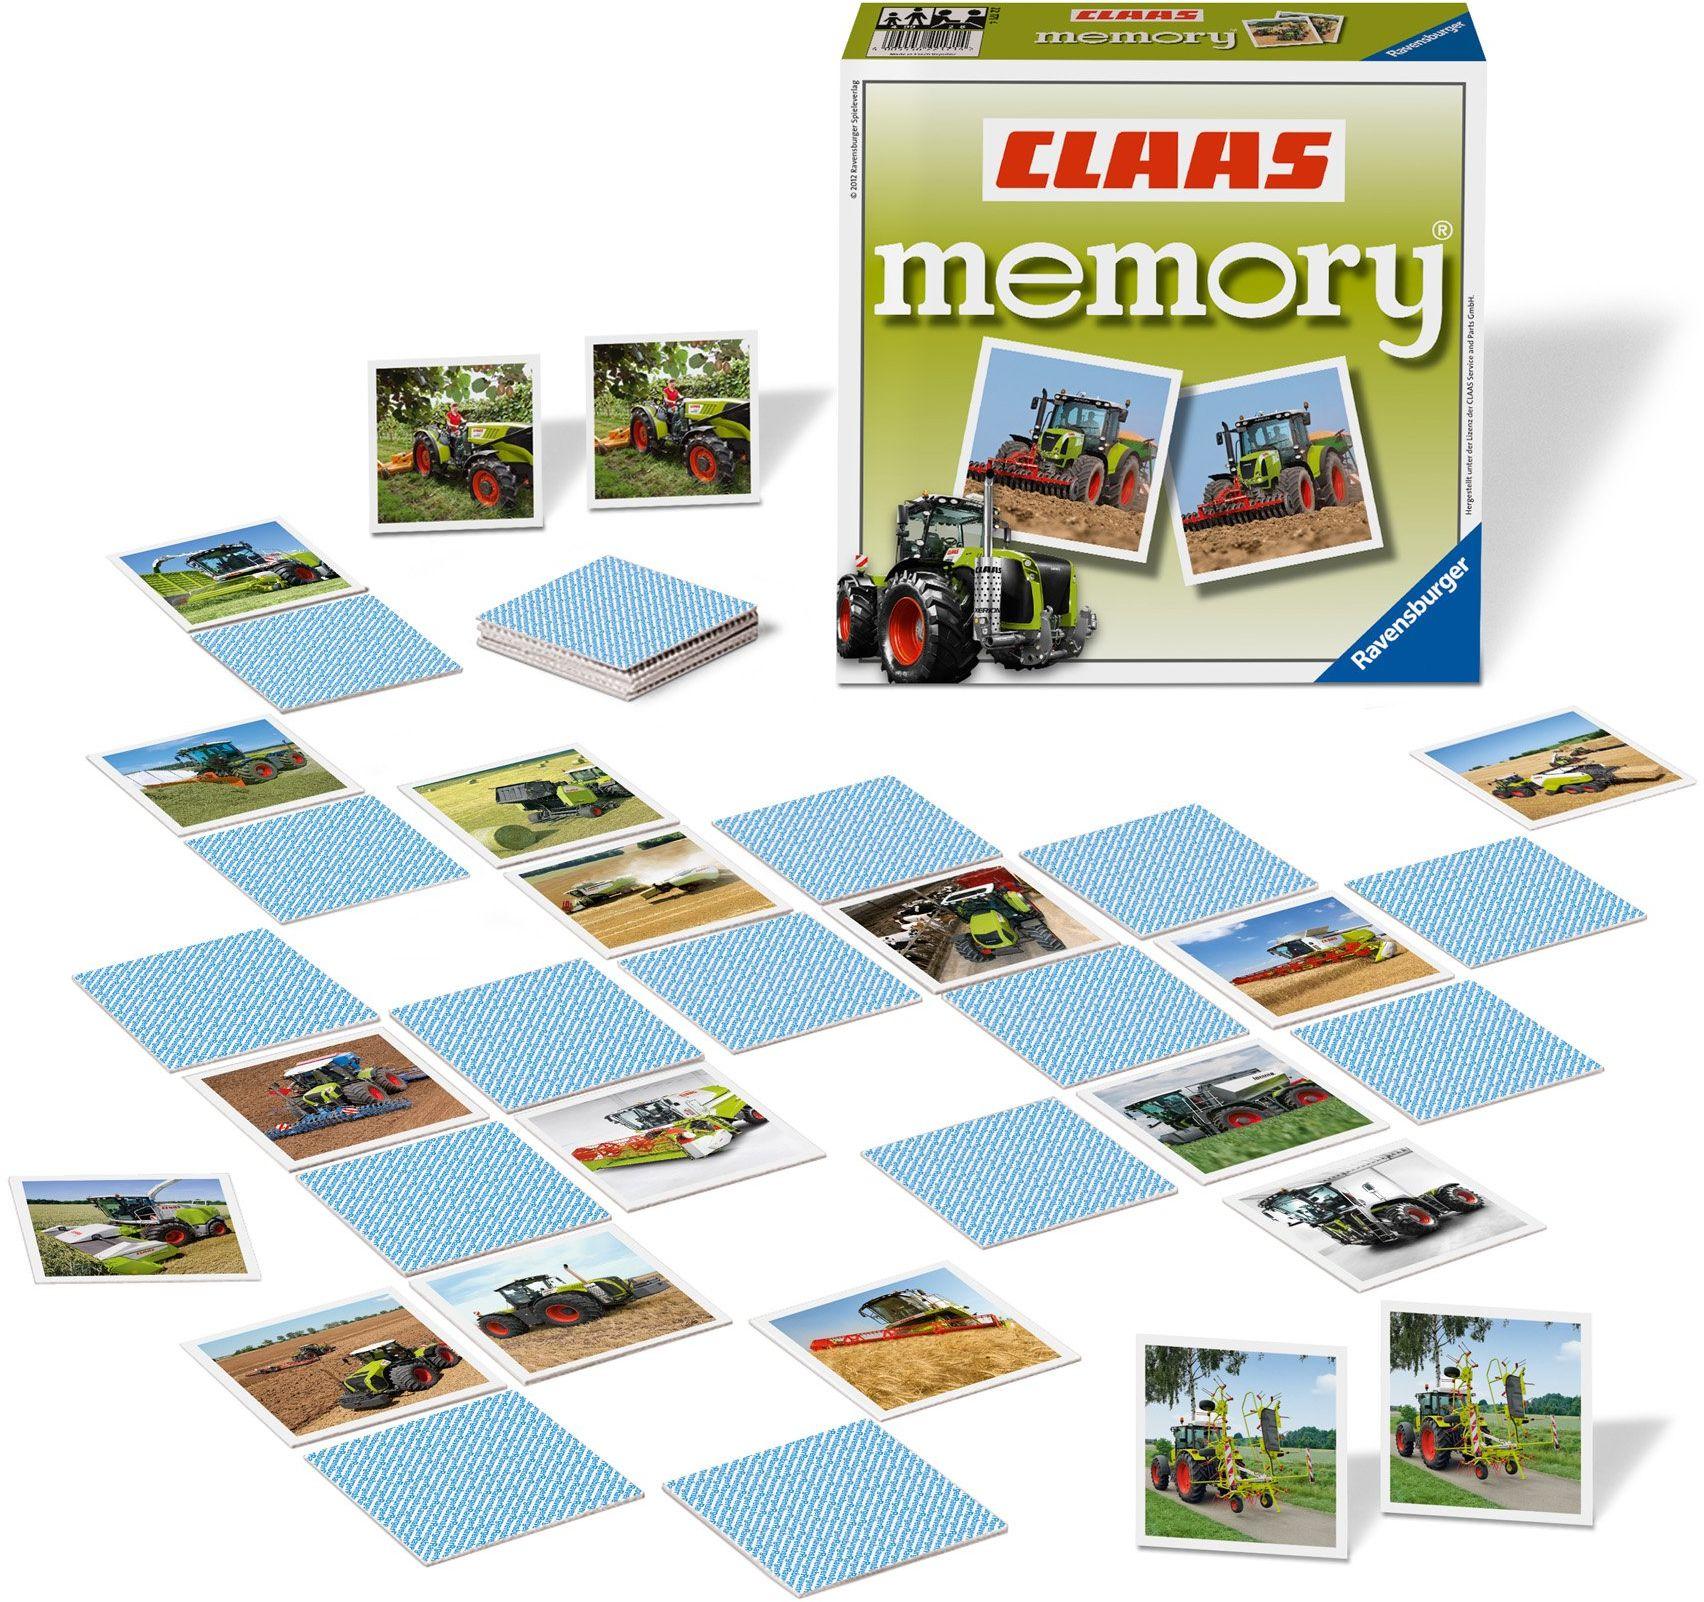 Ravensburger Gry dla dzieci 22171  CLAAS Memory, znana na całym świecie gra pamięci z imponującymi maszynami rolniczymi